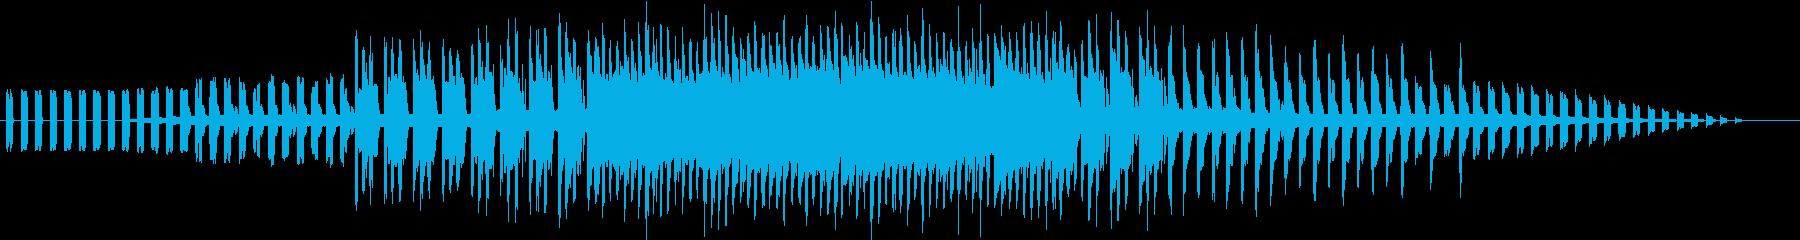 懐かしいゲーセンを思い出すチップチューンの再生済みの波形